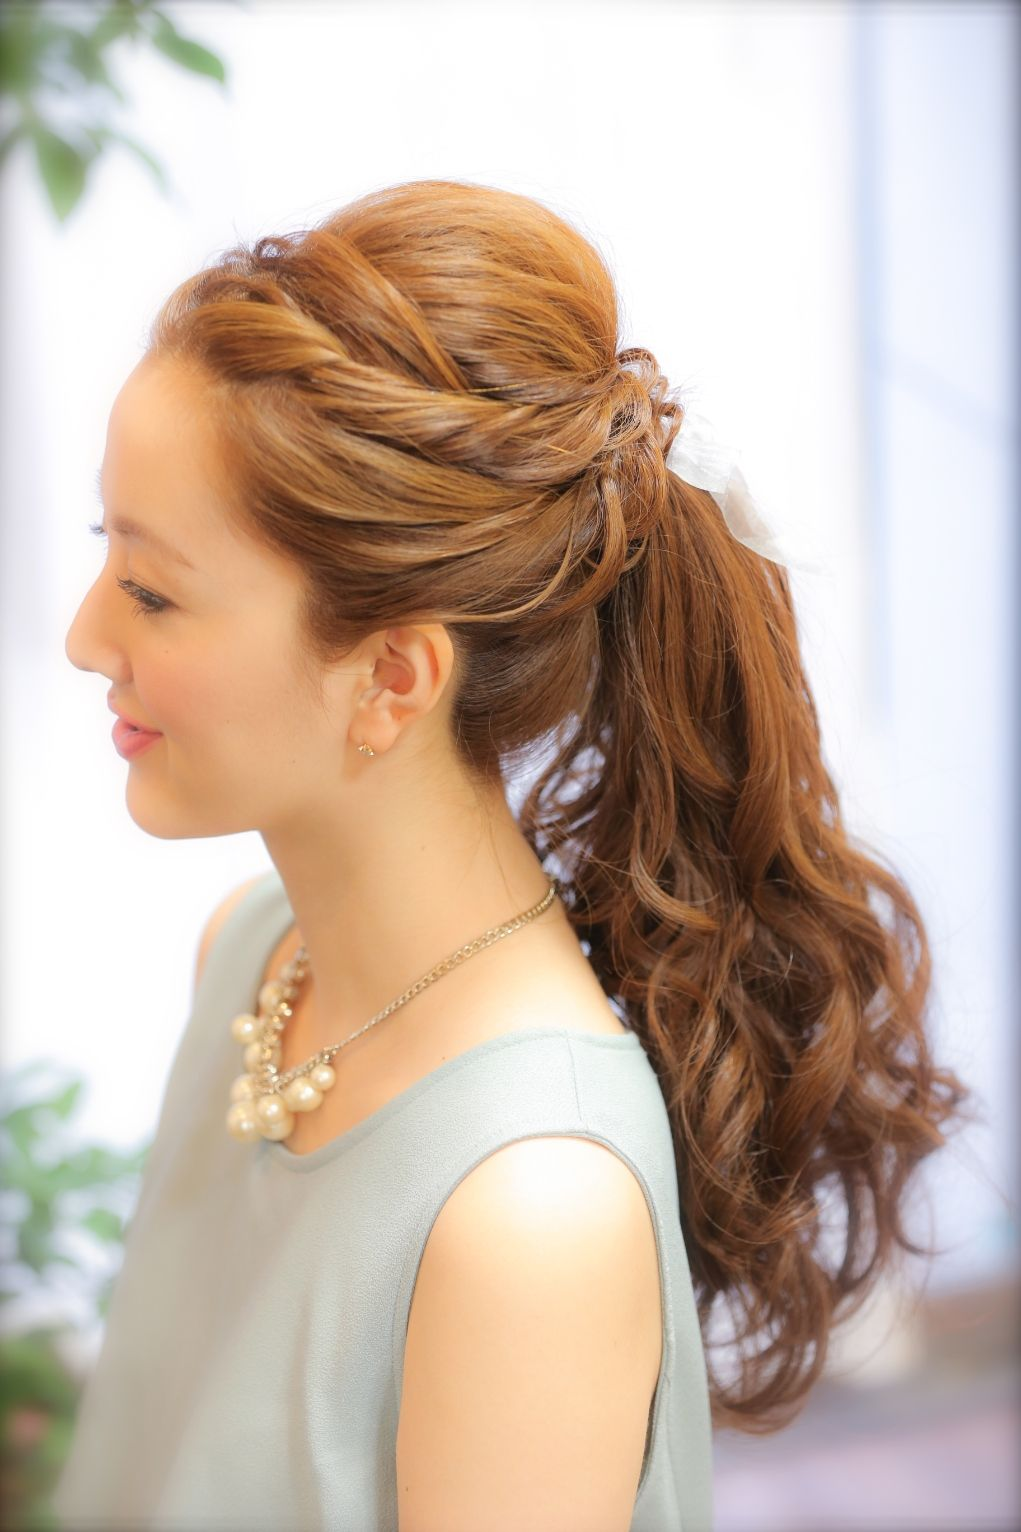 シンプル 大人かわいい ポニーテール☆編み込み 結婚式ブライダル 二次会卒業式着物着付訪問着留袖早朝